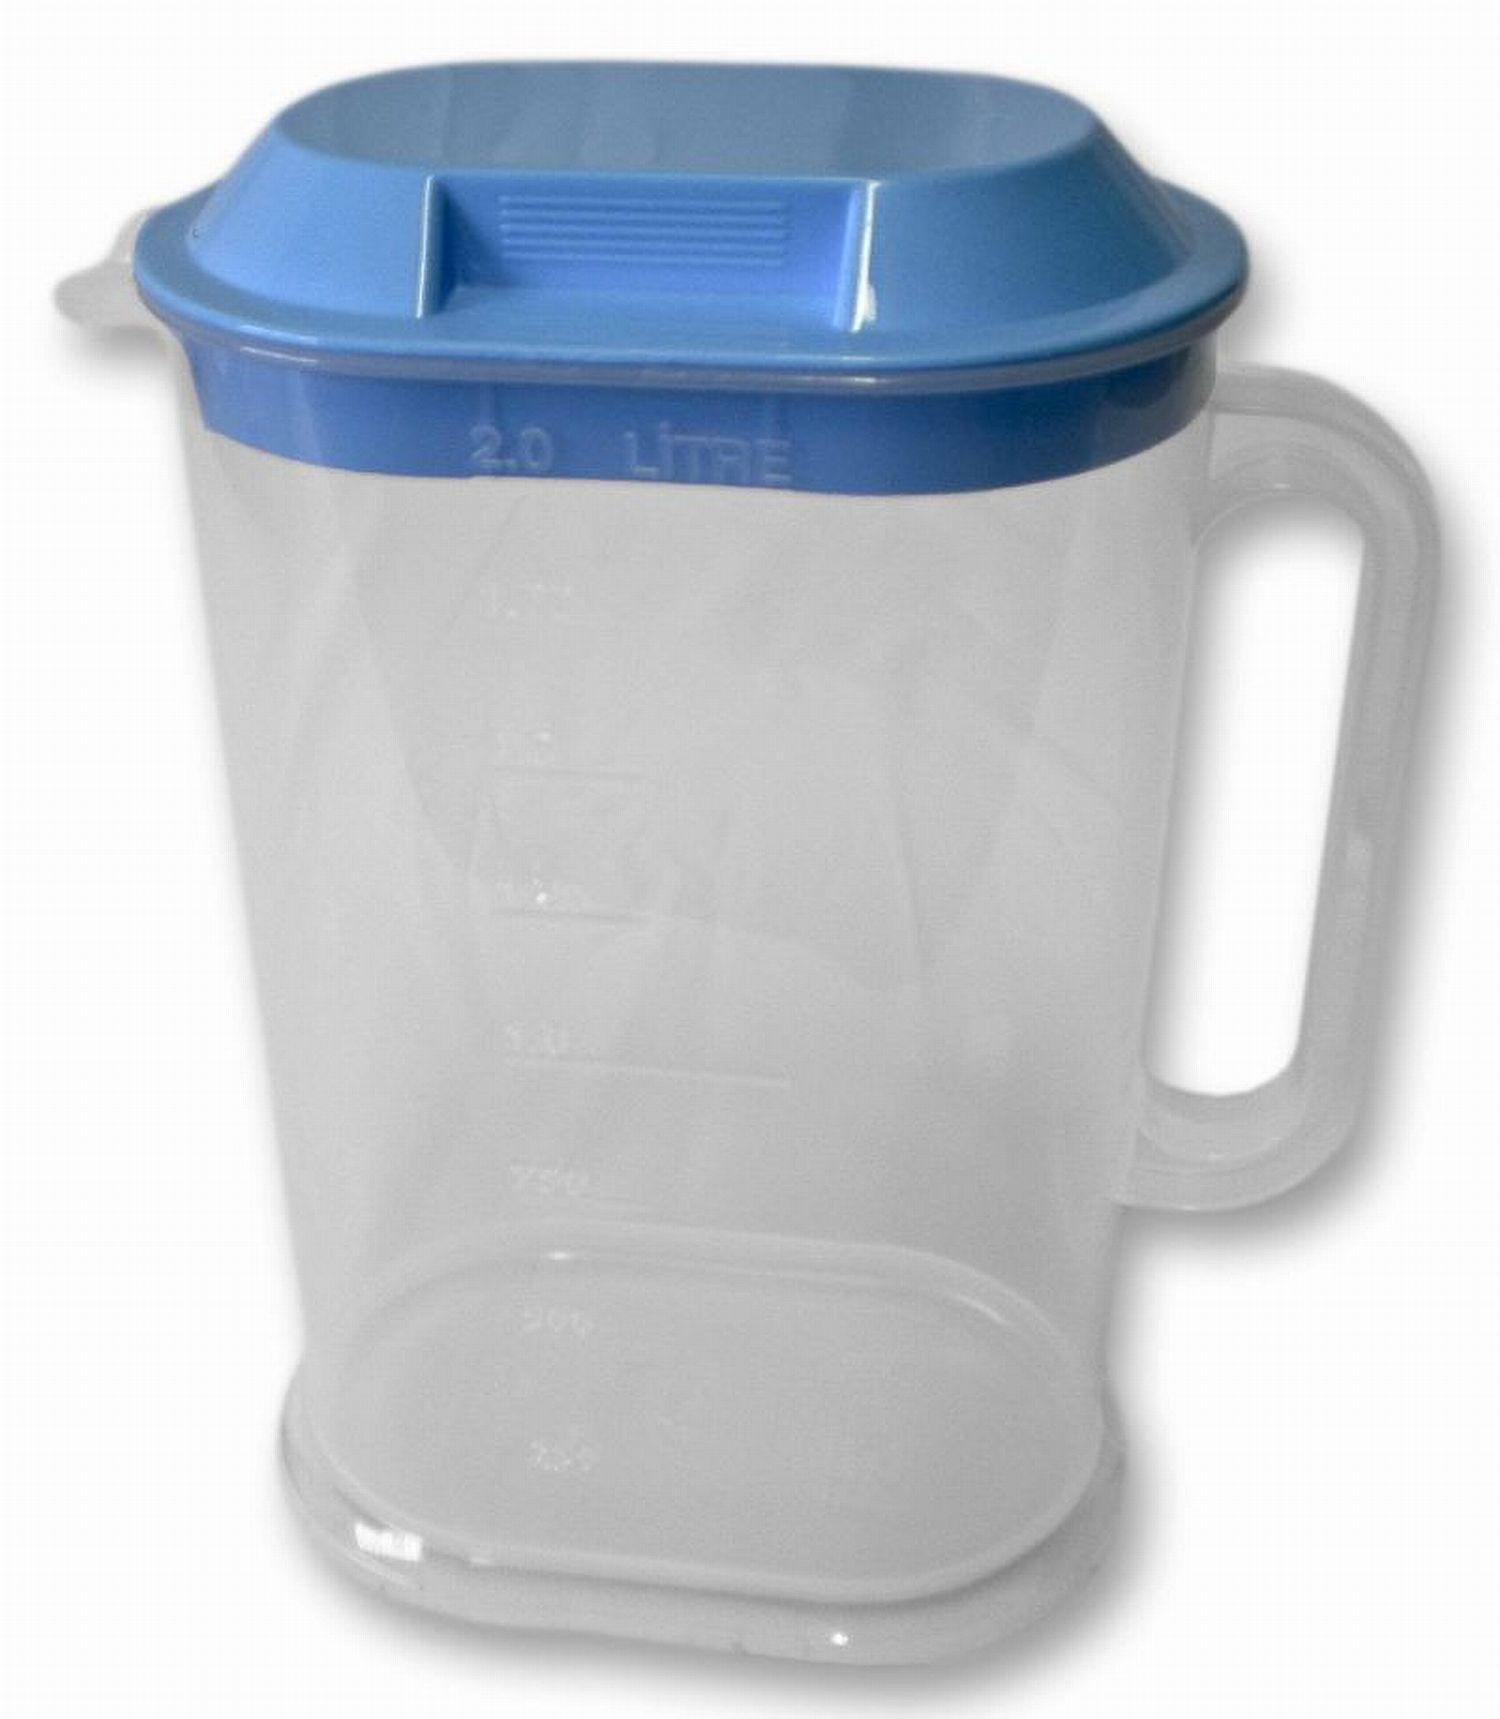 džbán 2,0l s víčkem (FANTA), plast